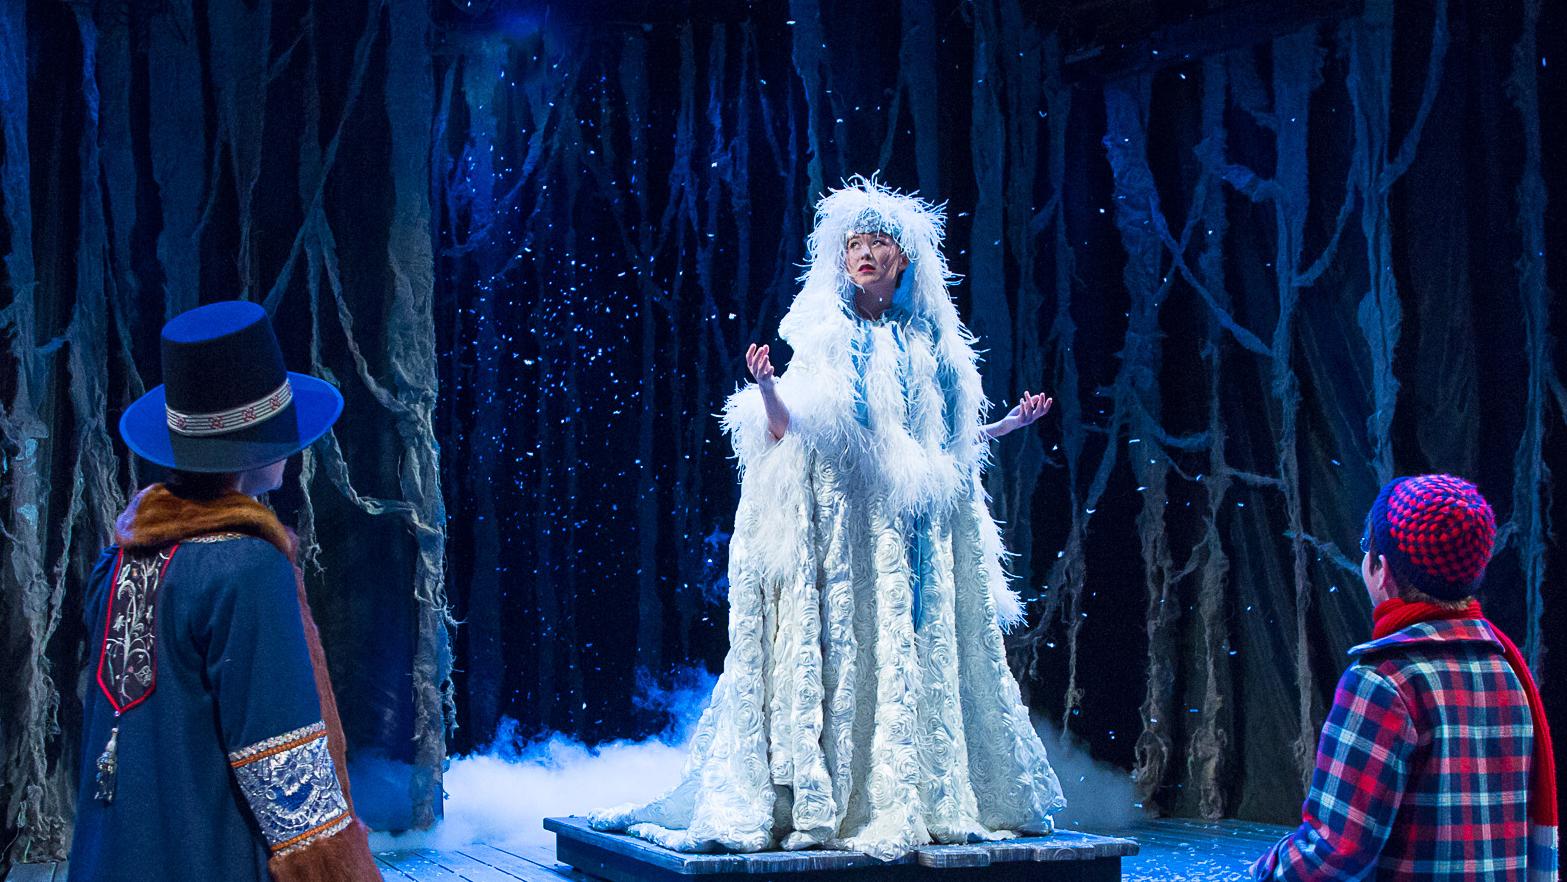 Emily Gardner Hall Snow Queen pelisande